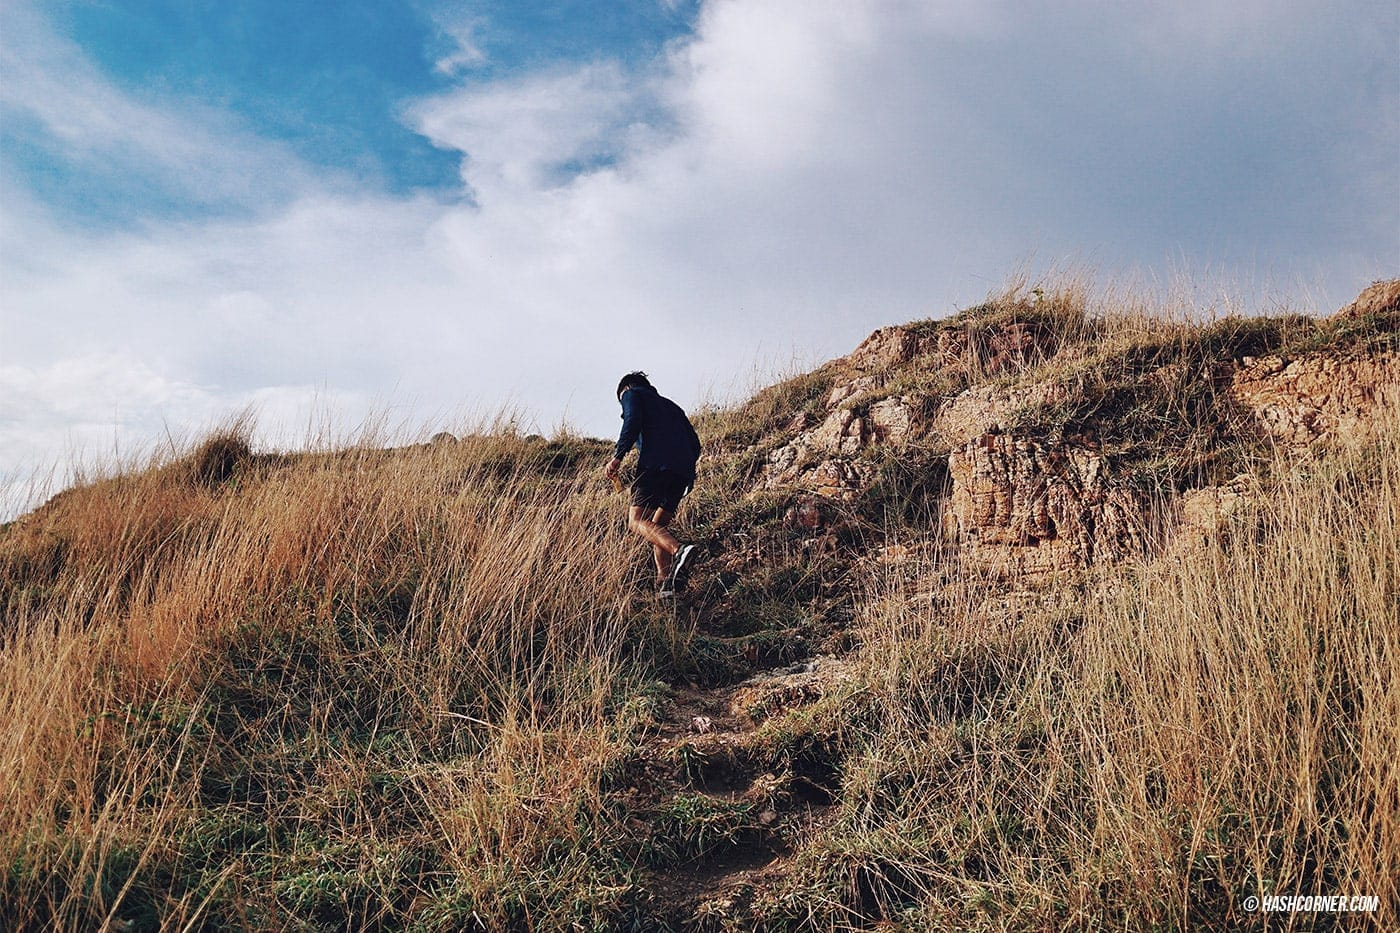 รีวิว เขาแหลมหญ้า (ระยอง) : เดินเทรลเลียบทะเล ชมธรรมชาติ